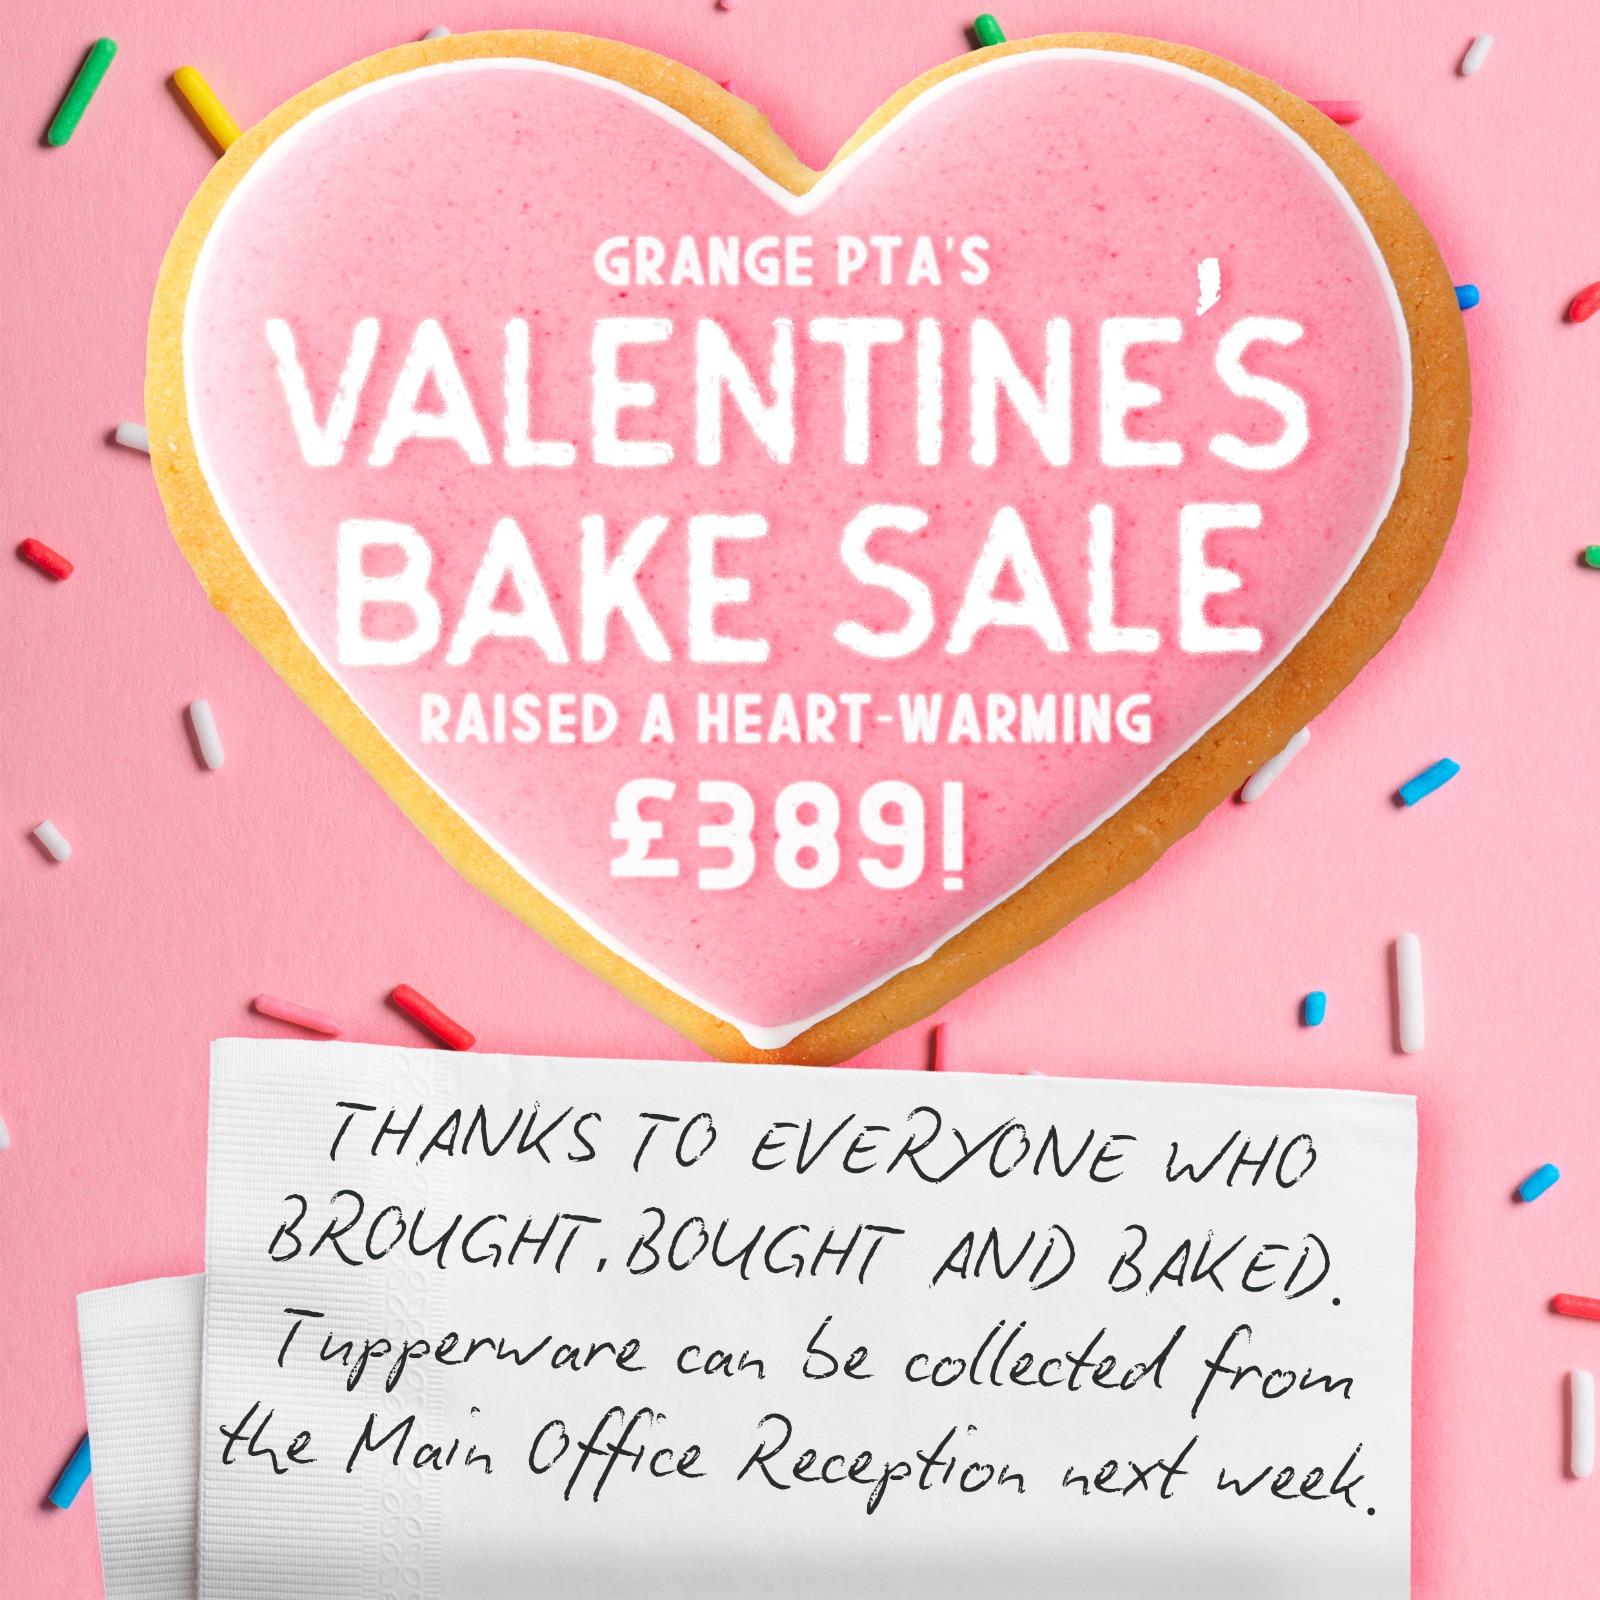 Bake sale raises a heart warming £389